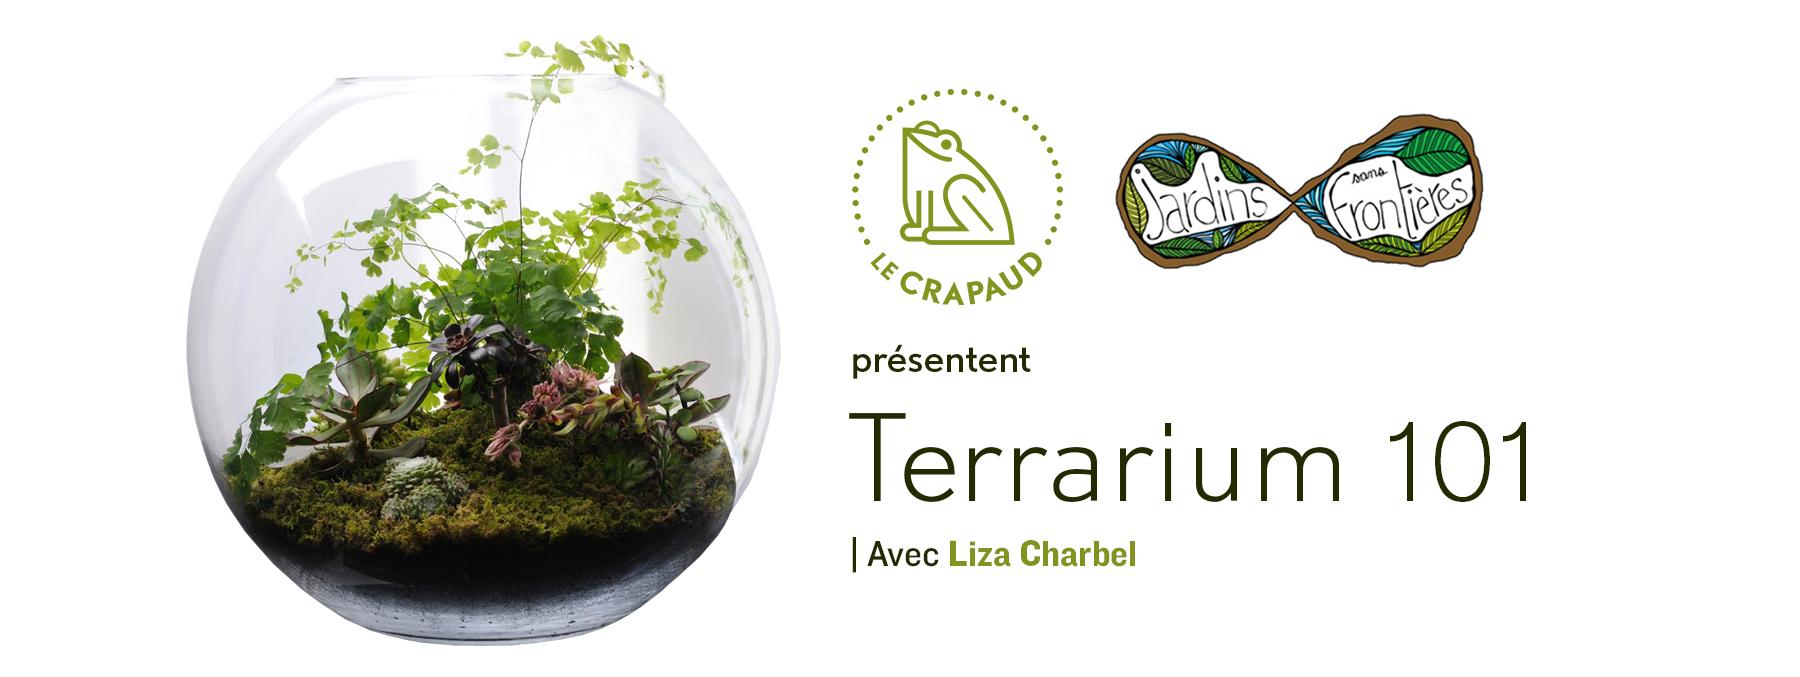 fcbk - Terrarium